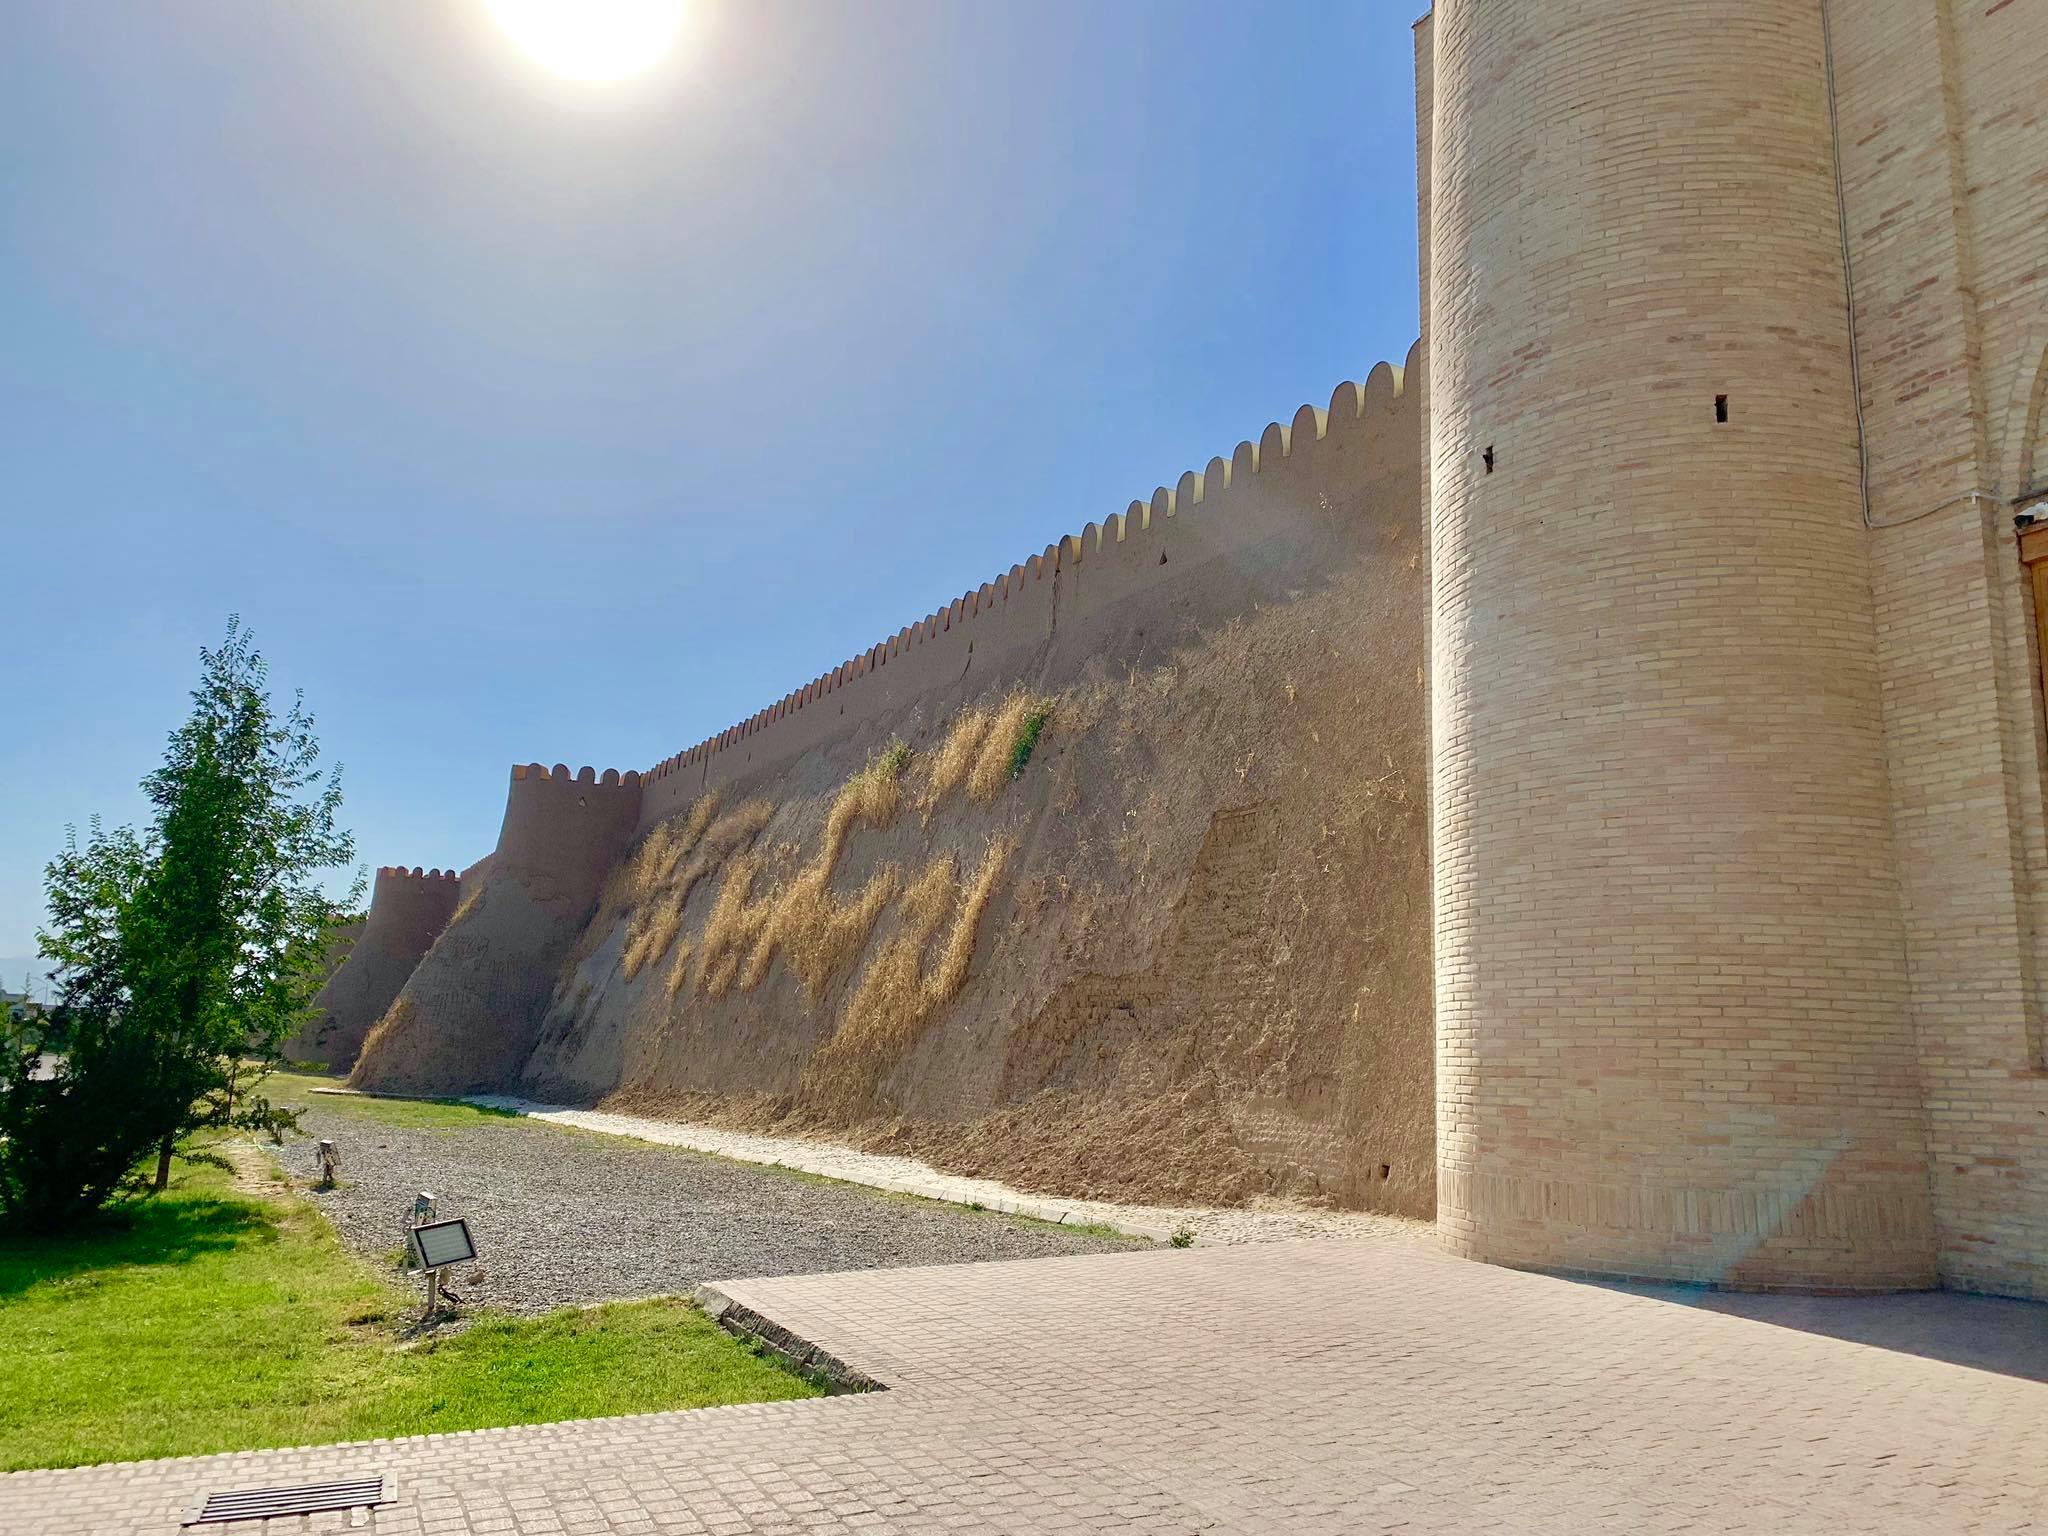 Kach Solo Travels in 2019 Last stop in Uzbekistan10.jpg